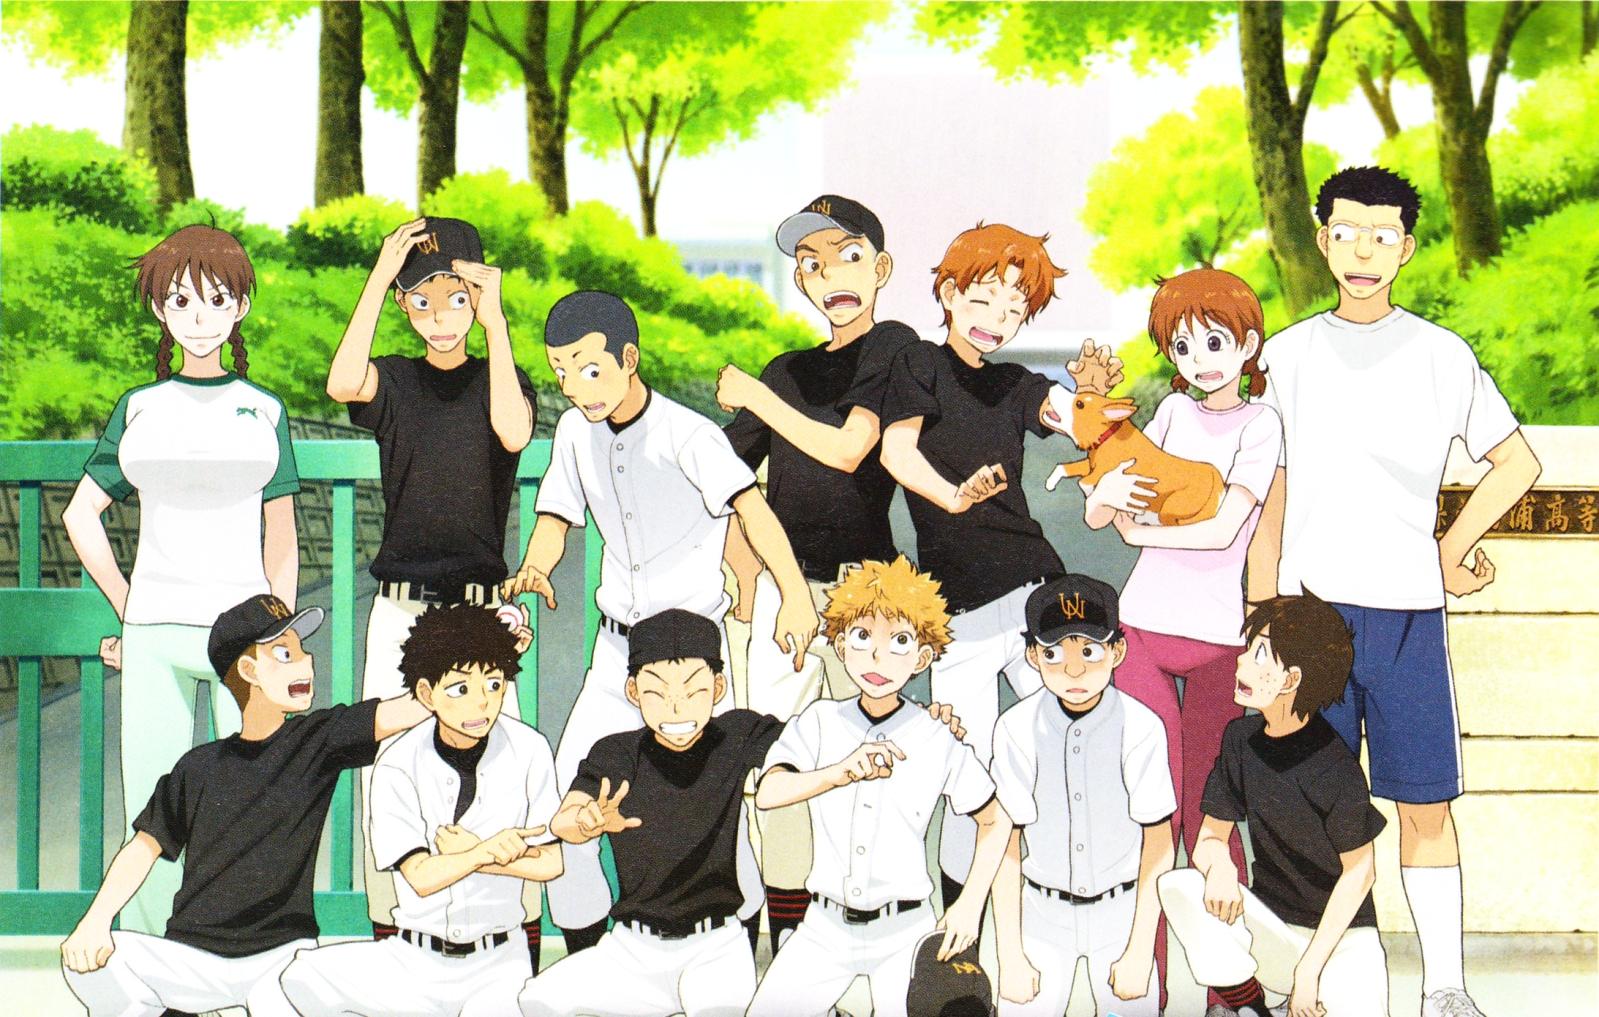 Ookiku.Furikabutte.full.169998 - Spor Anime Önerileri - Figurex Anime Önerileri